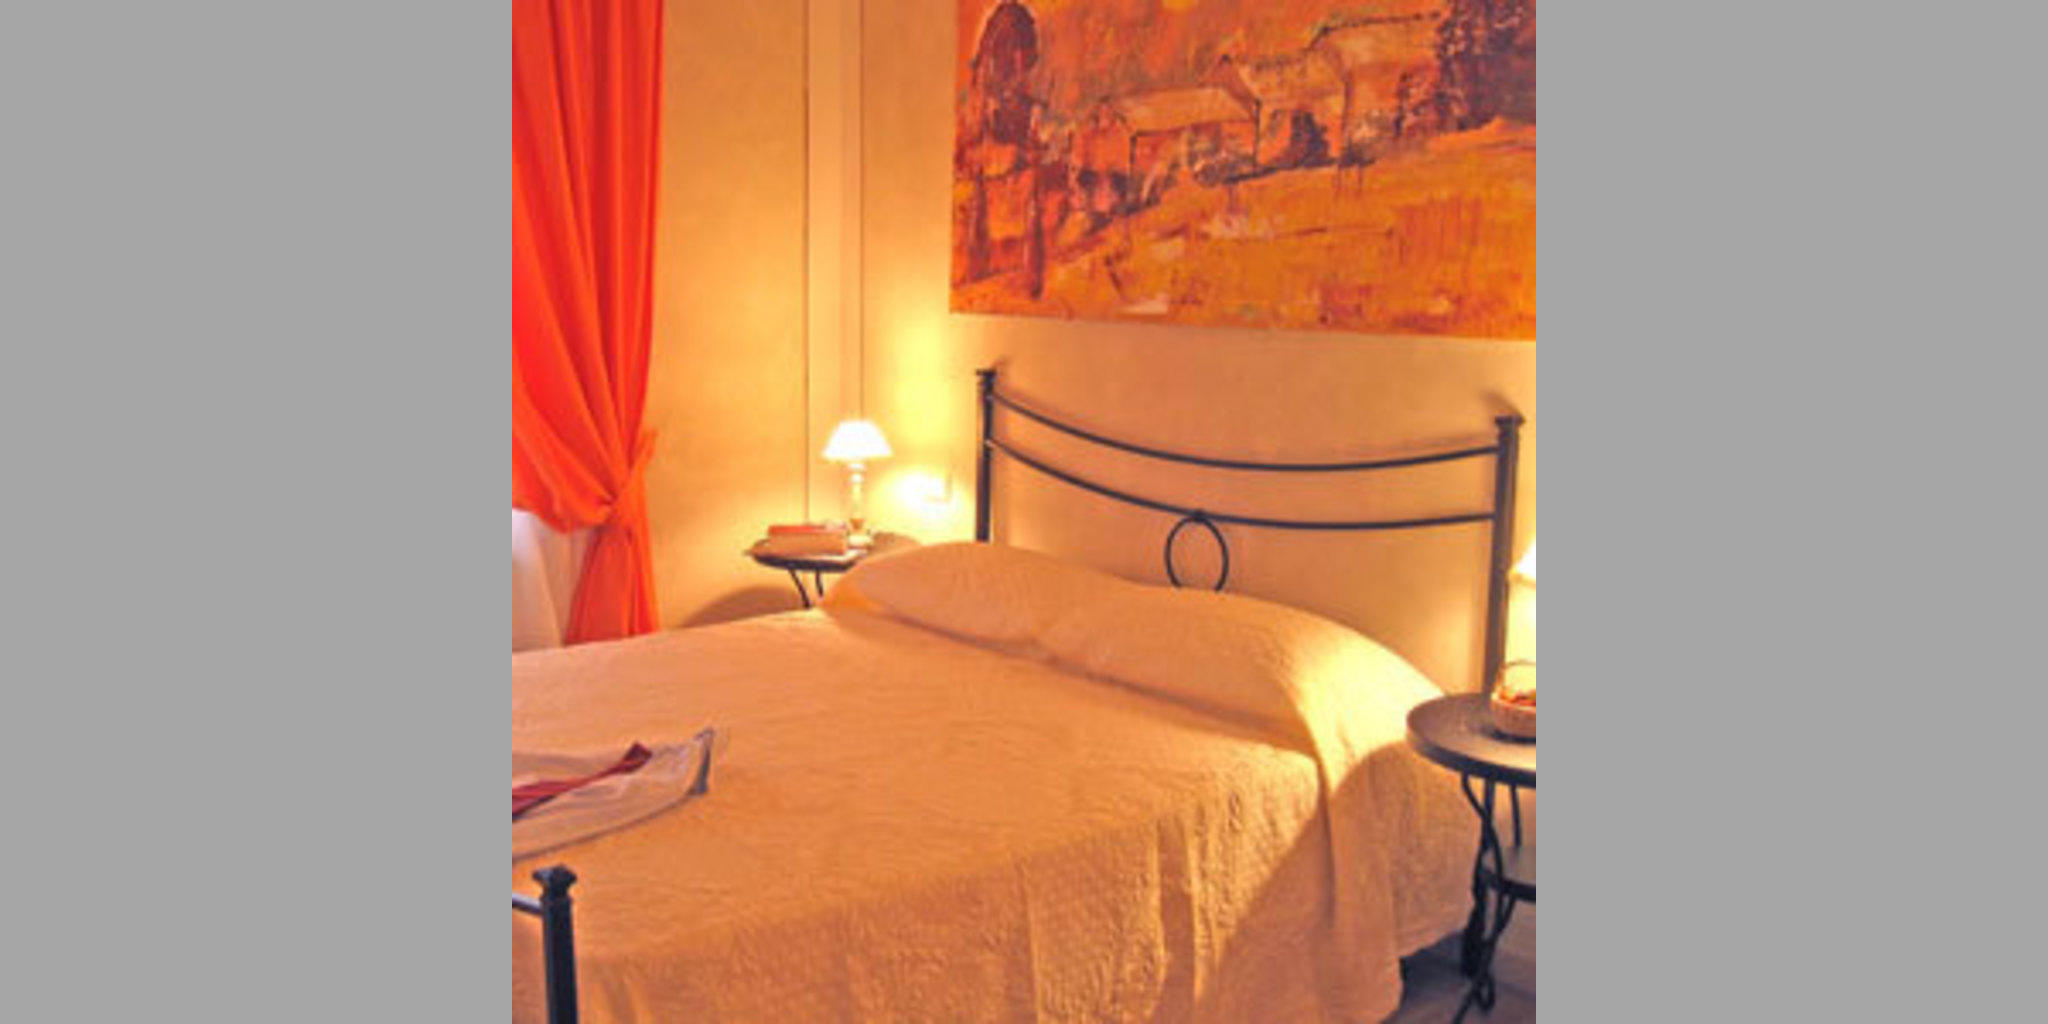 Bed & Breakfast Montopoli In Val D'Arno - Marti